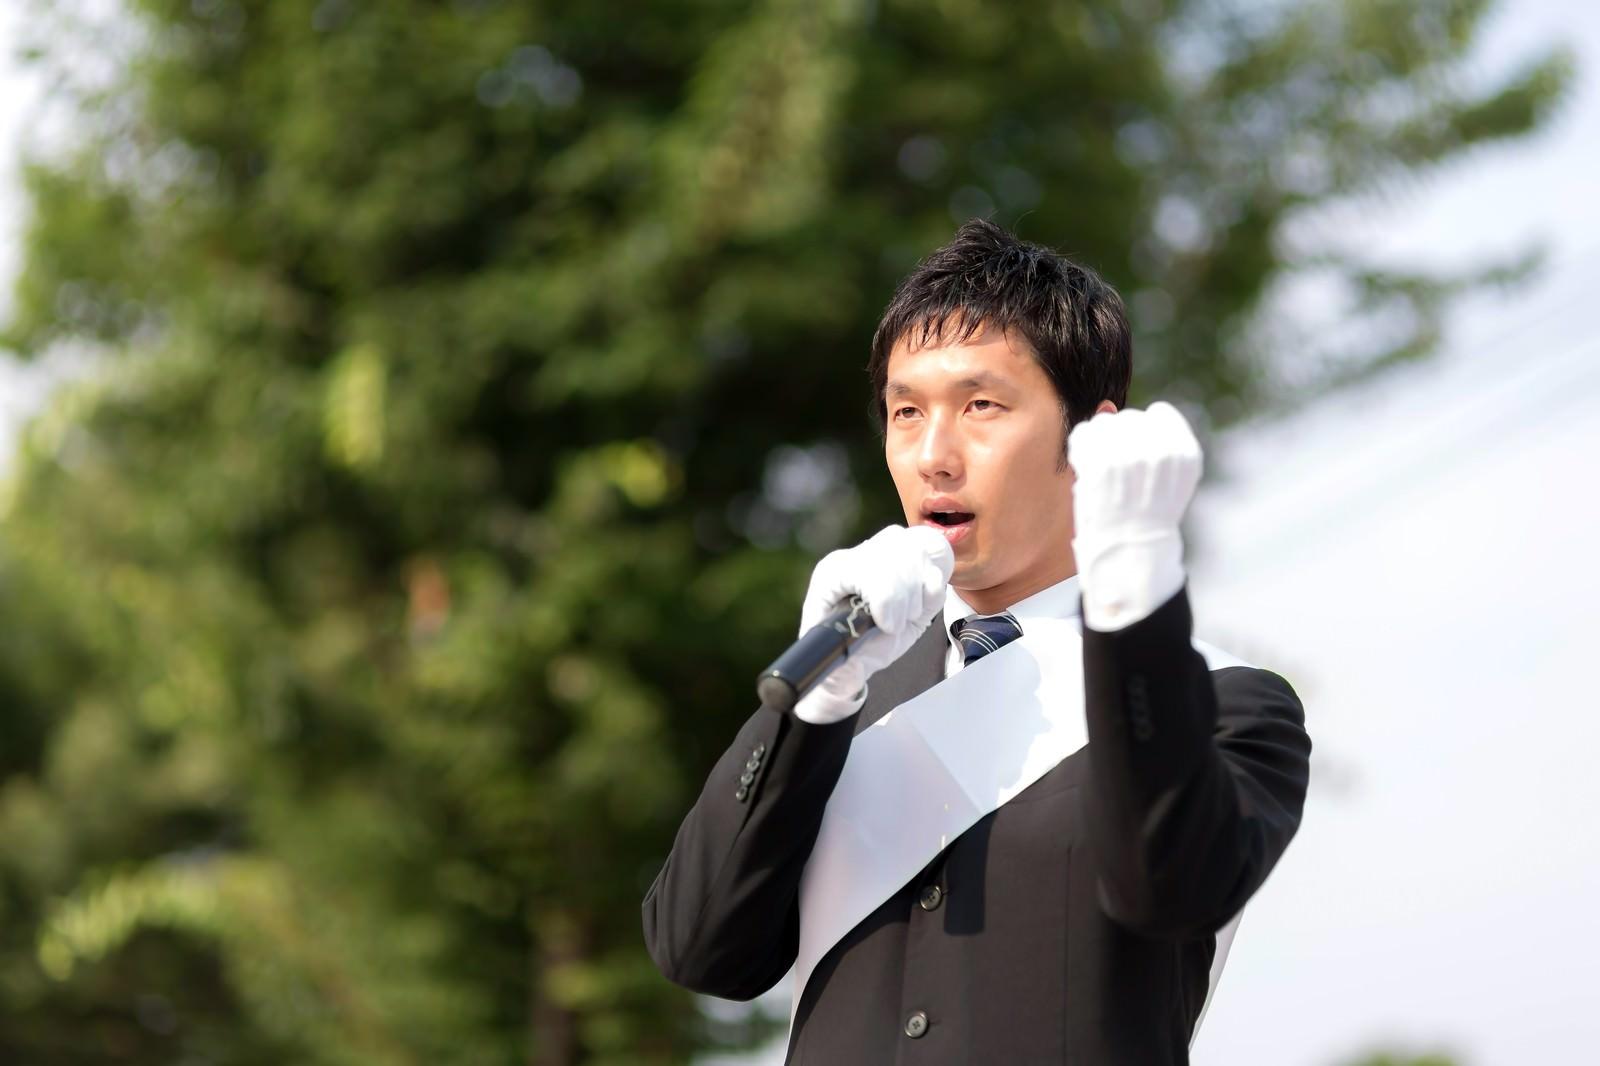 「拳を握り、憲法改正を訴える立候補者」の写真[モデル:大川竜弥]